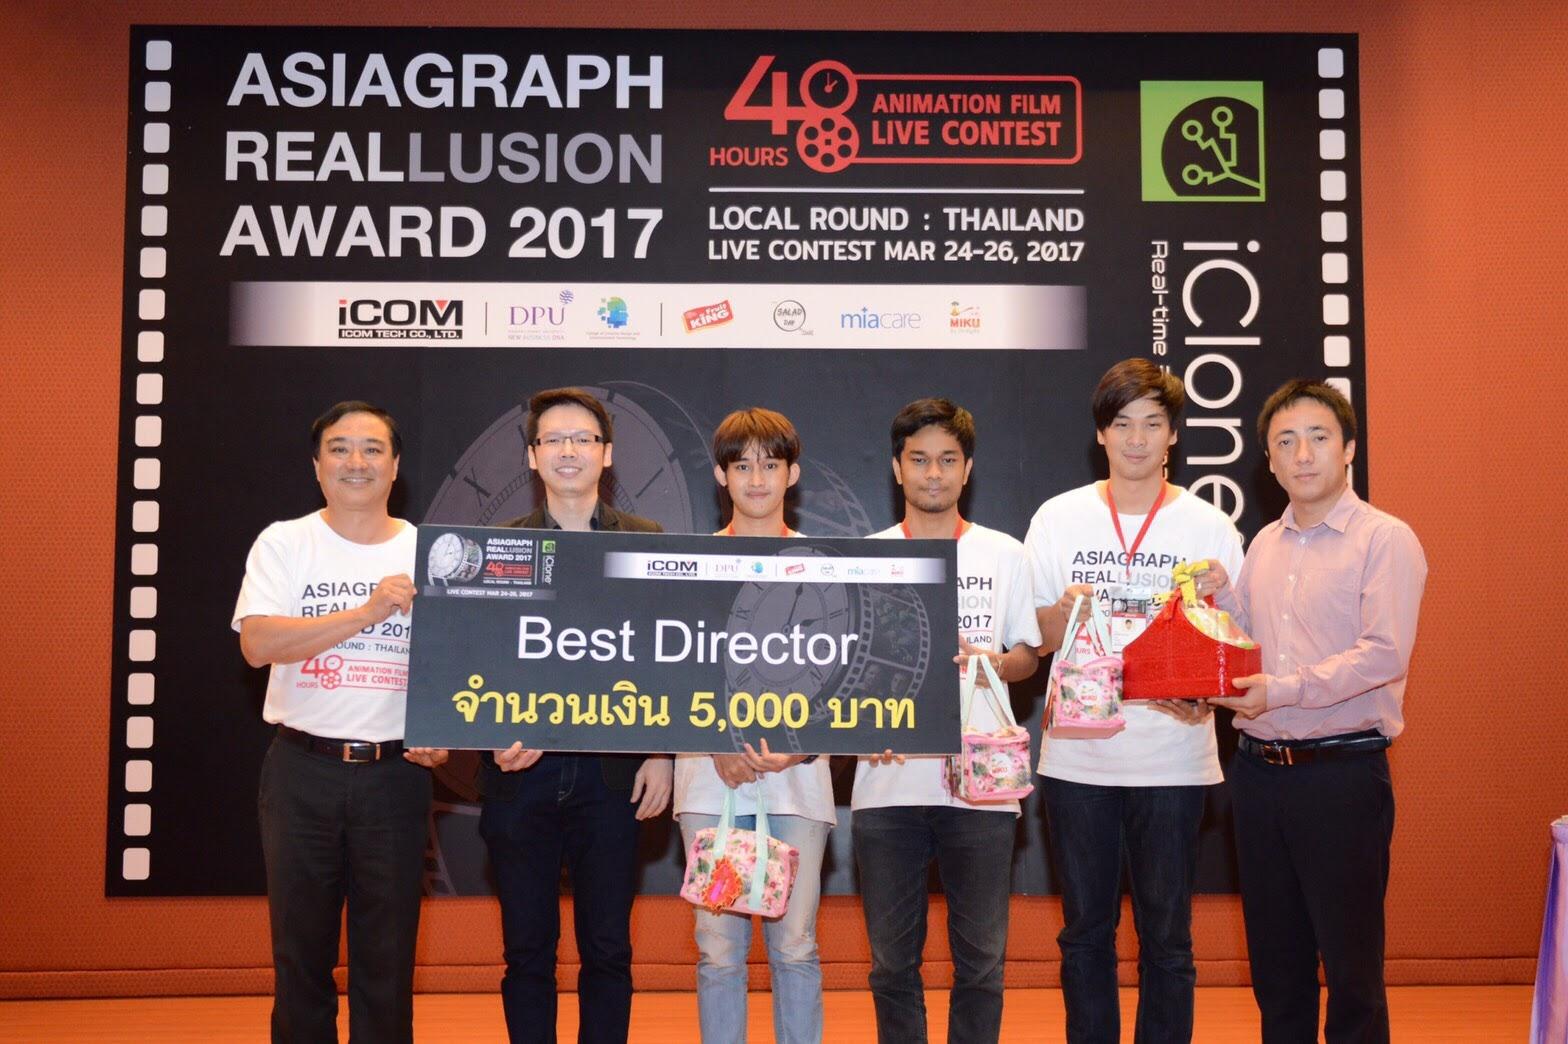 """ภาพบรรยากาศกิจกรรม """"Asiagraph Reallusion Award 2017"""""""